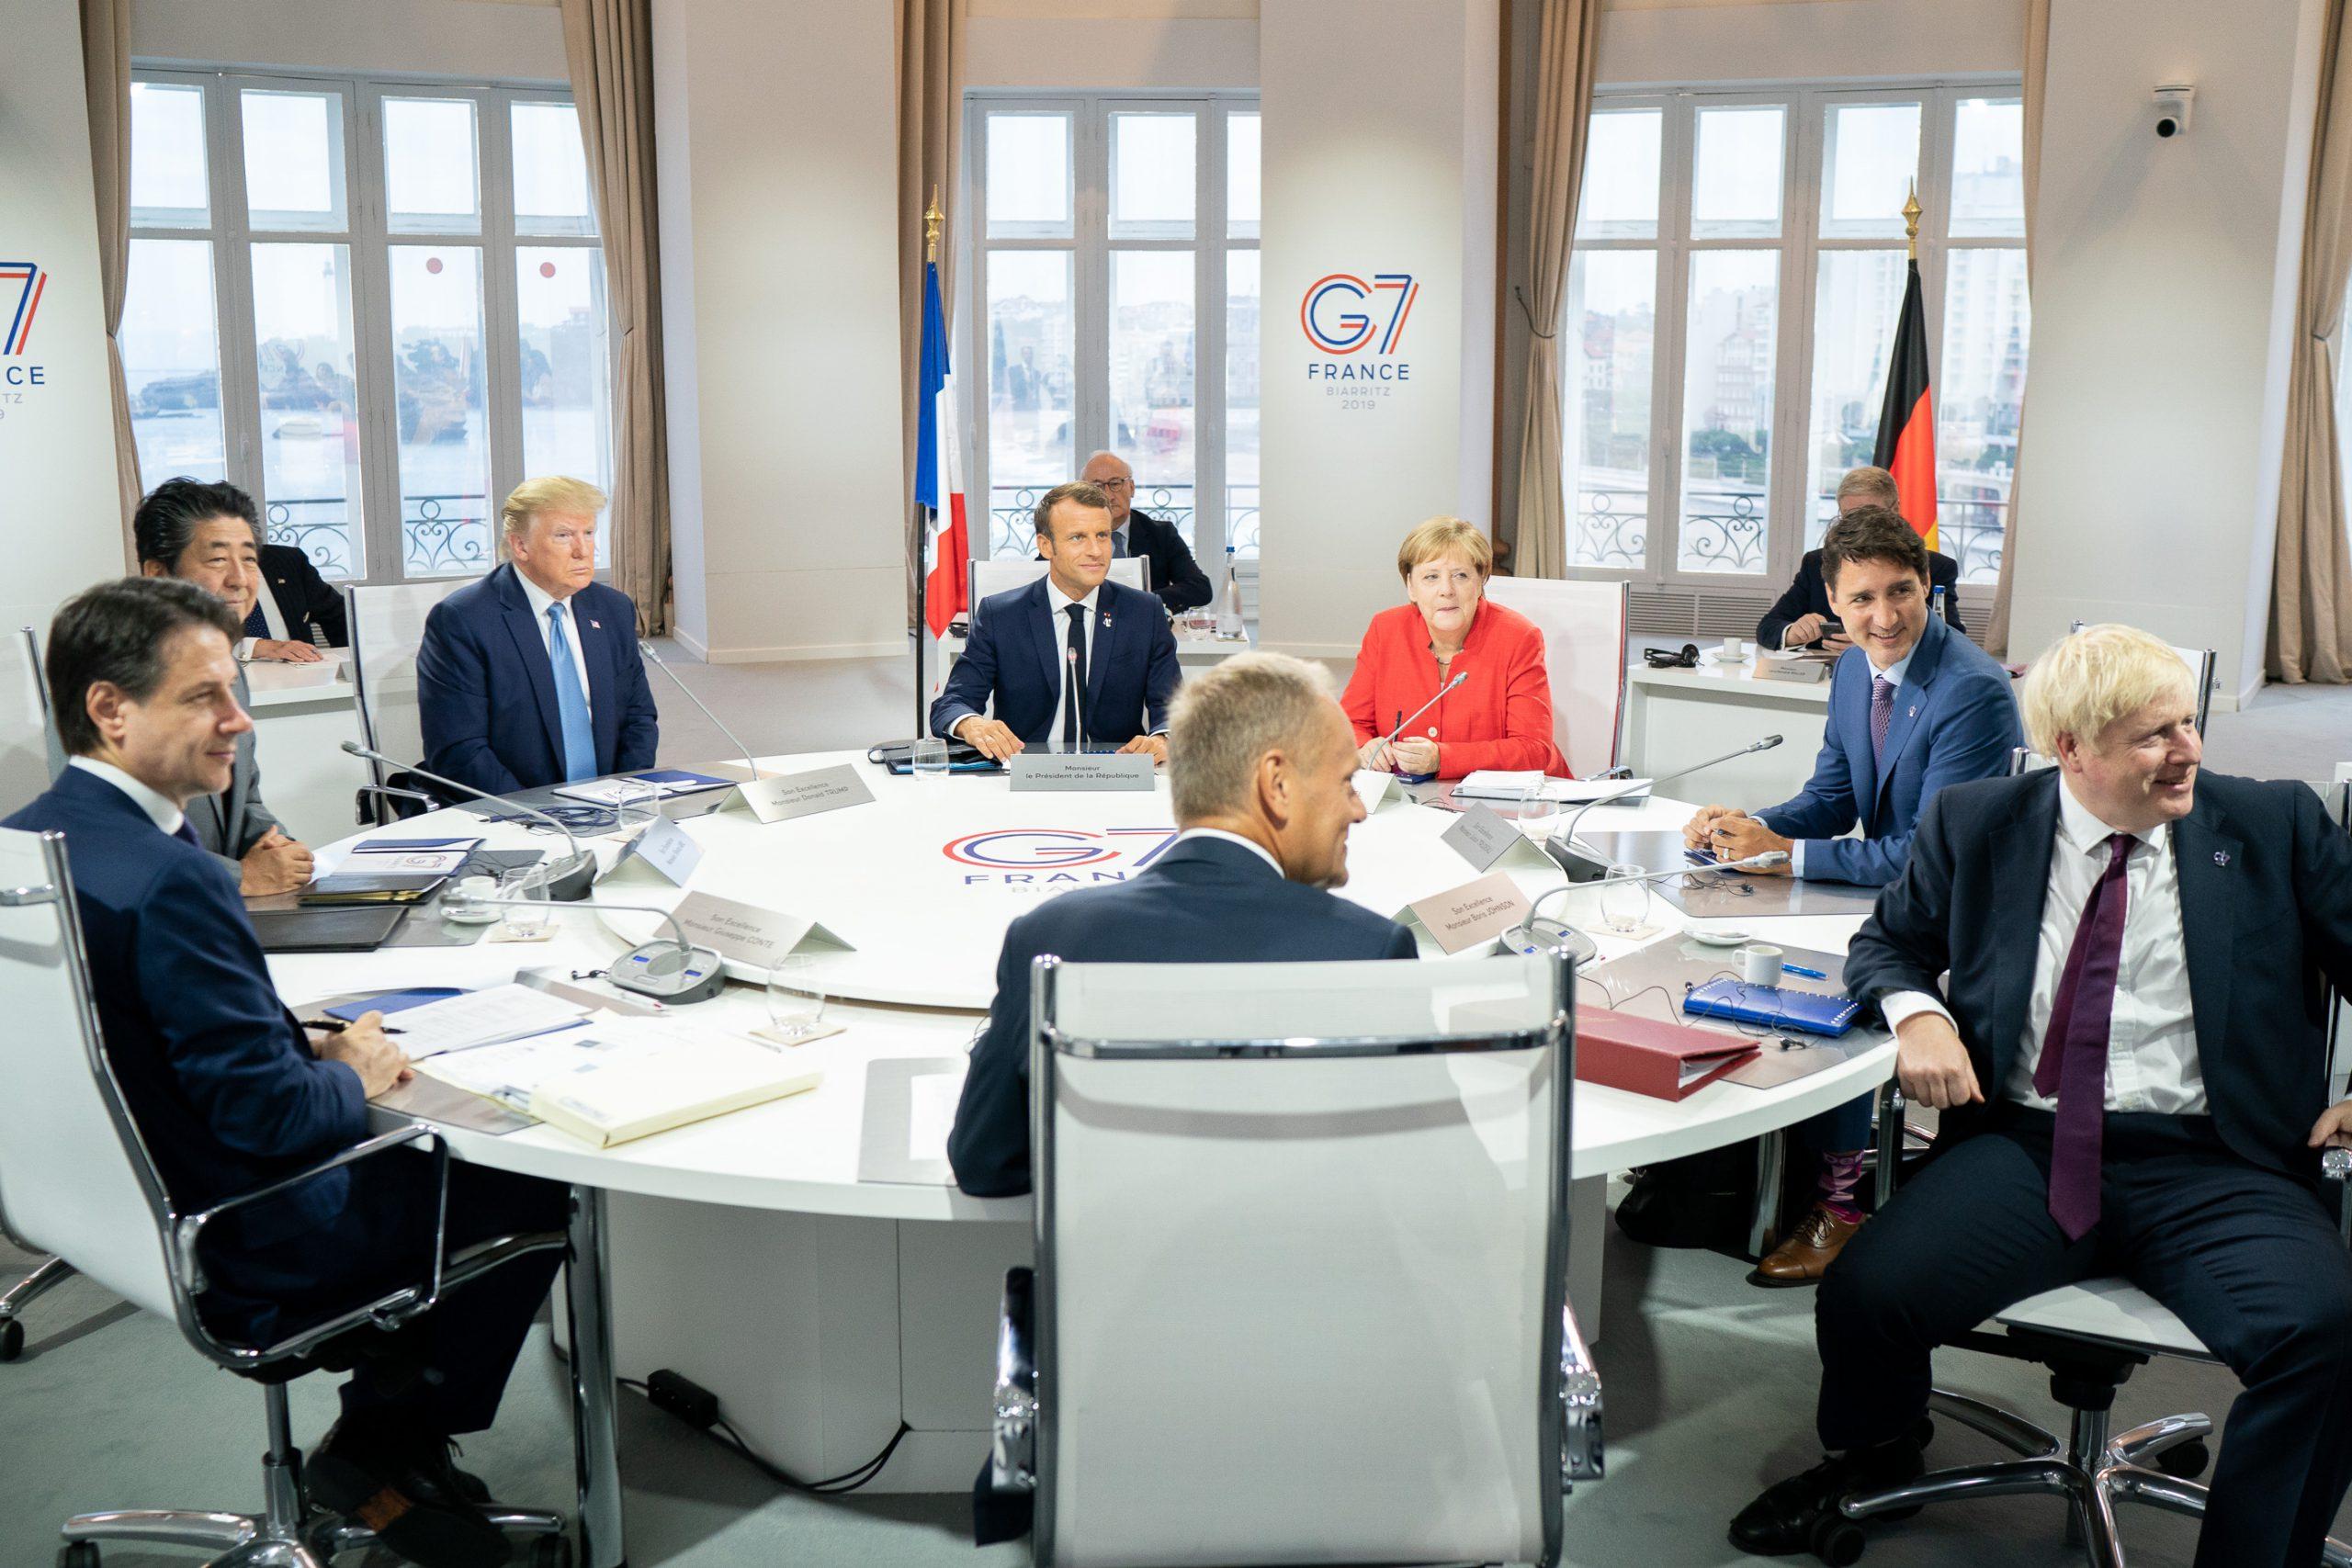 籠罩在全球緊張局勢中的 G7 峰會(圖/美國白宮 Flickr/公共領域)